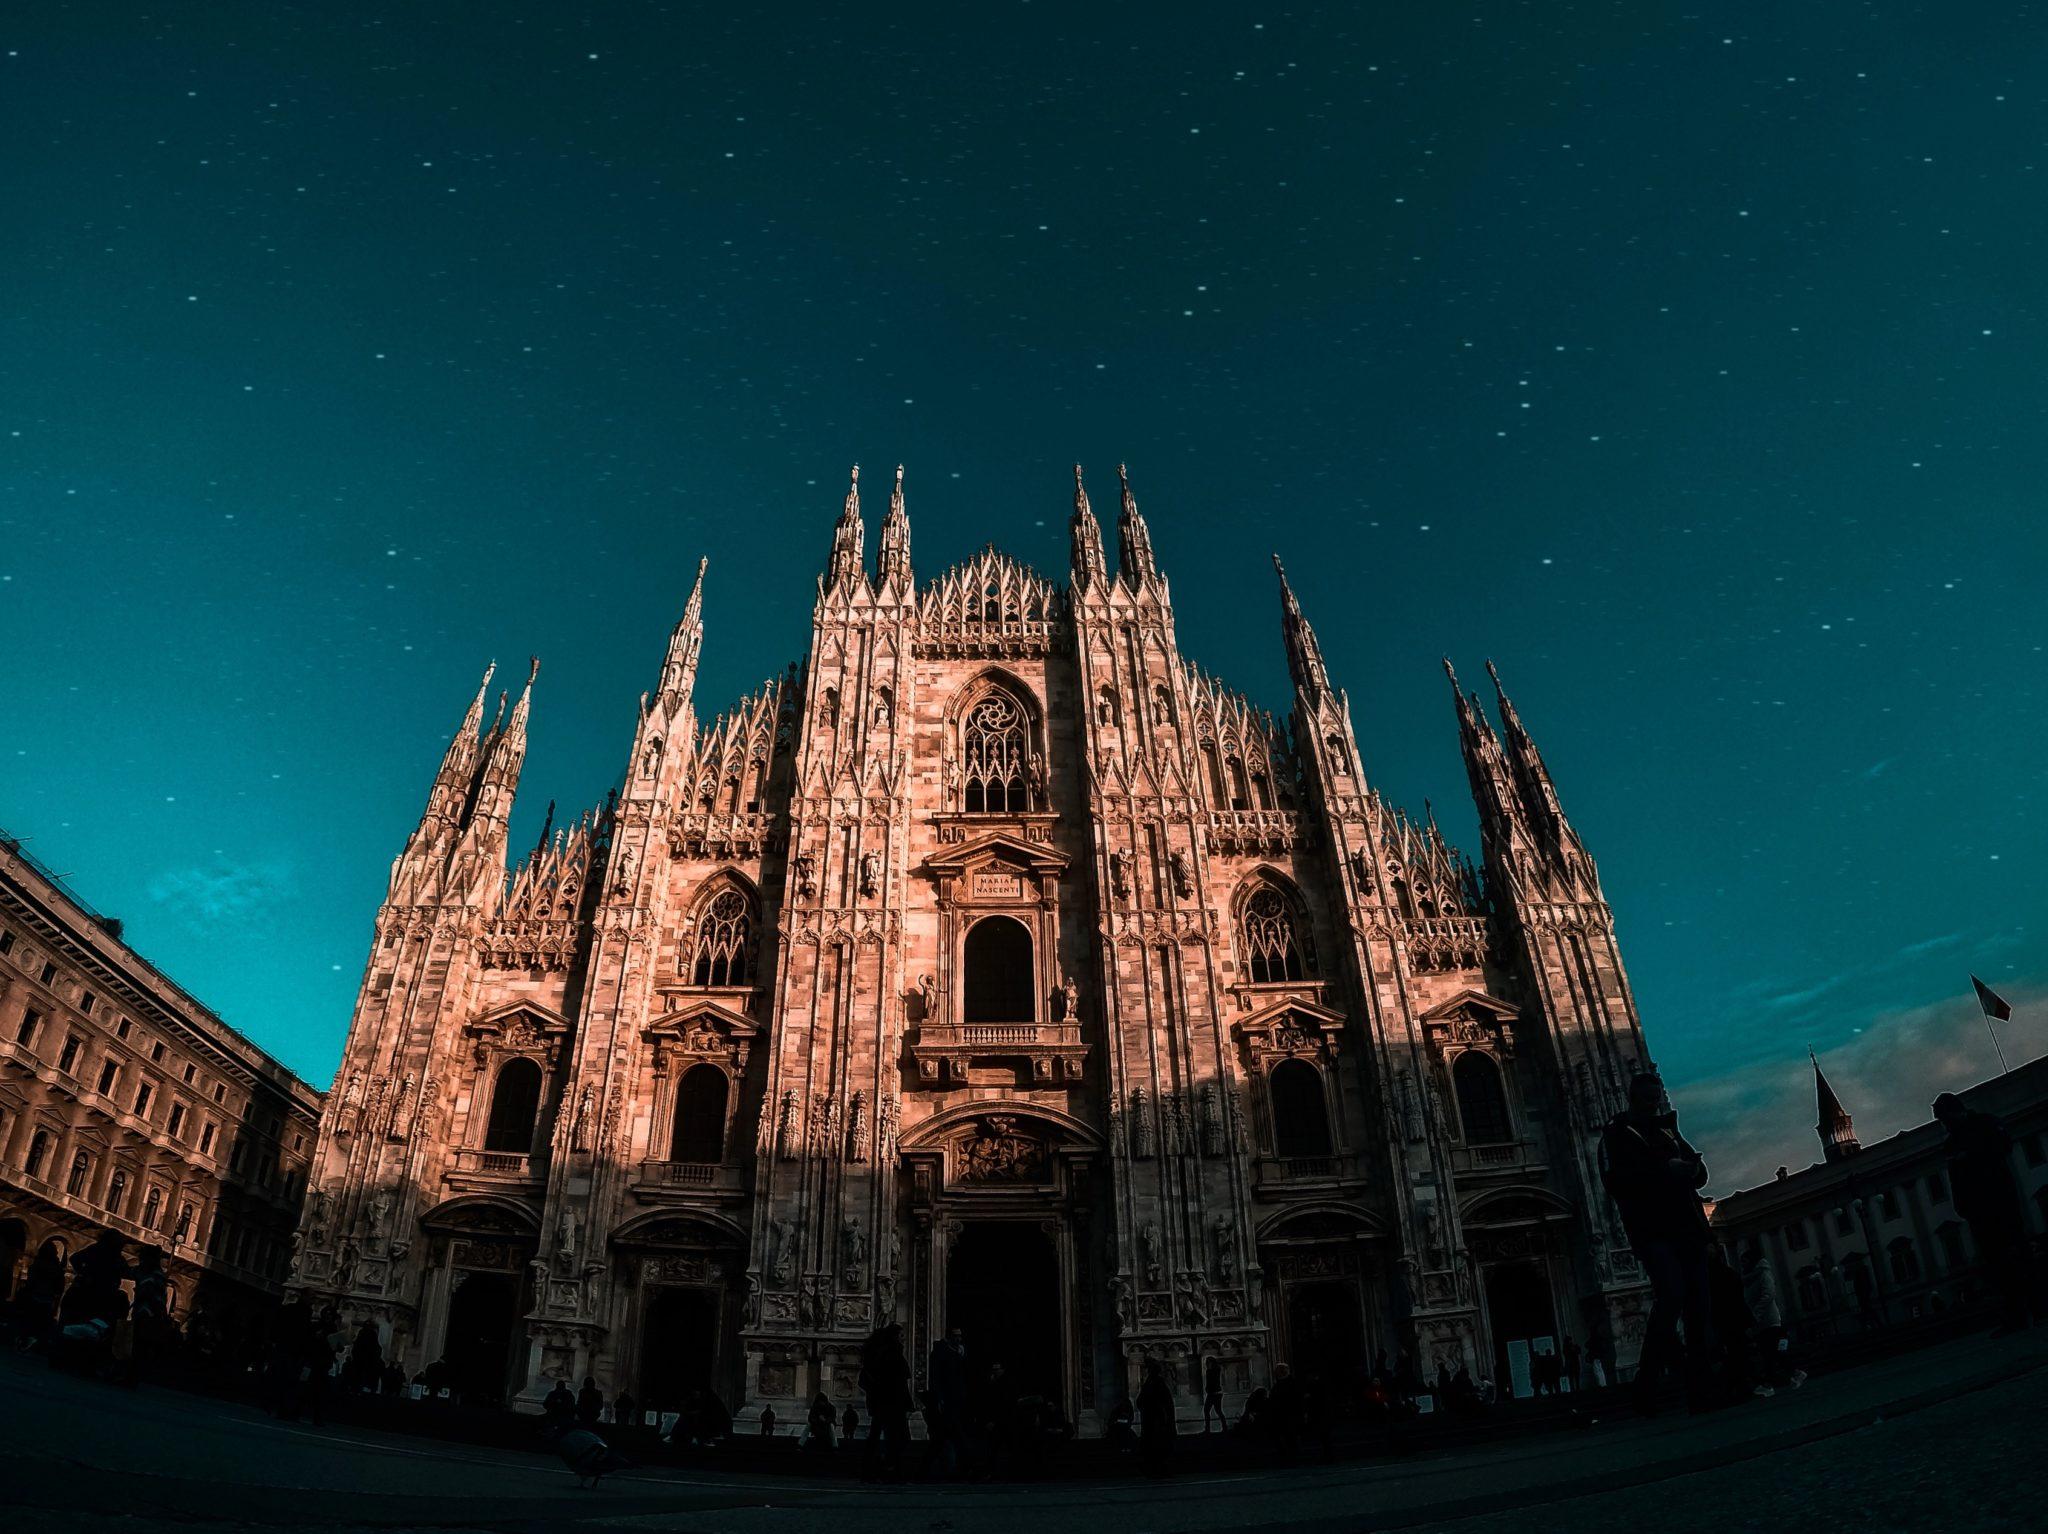 Milano e Cortina d'Ampezzo ospiteranno le Olimpiadi Invernali 2026 - Nella foto il Duomo, Cattedrale di Milano, ripreso da Benjamin Voros Unsplash